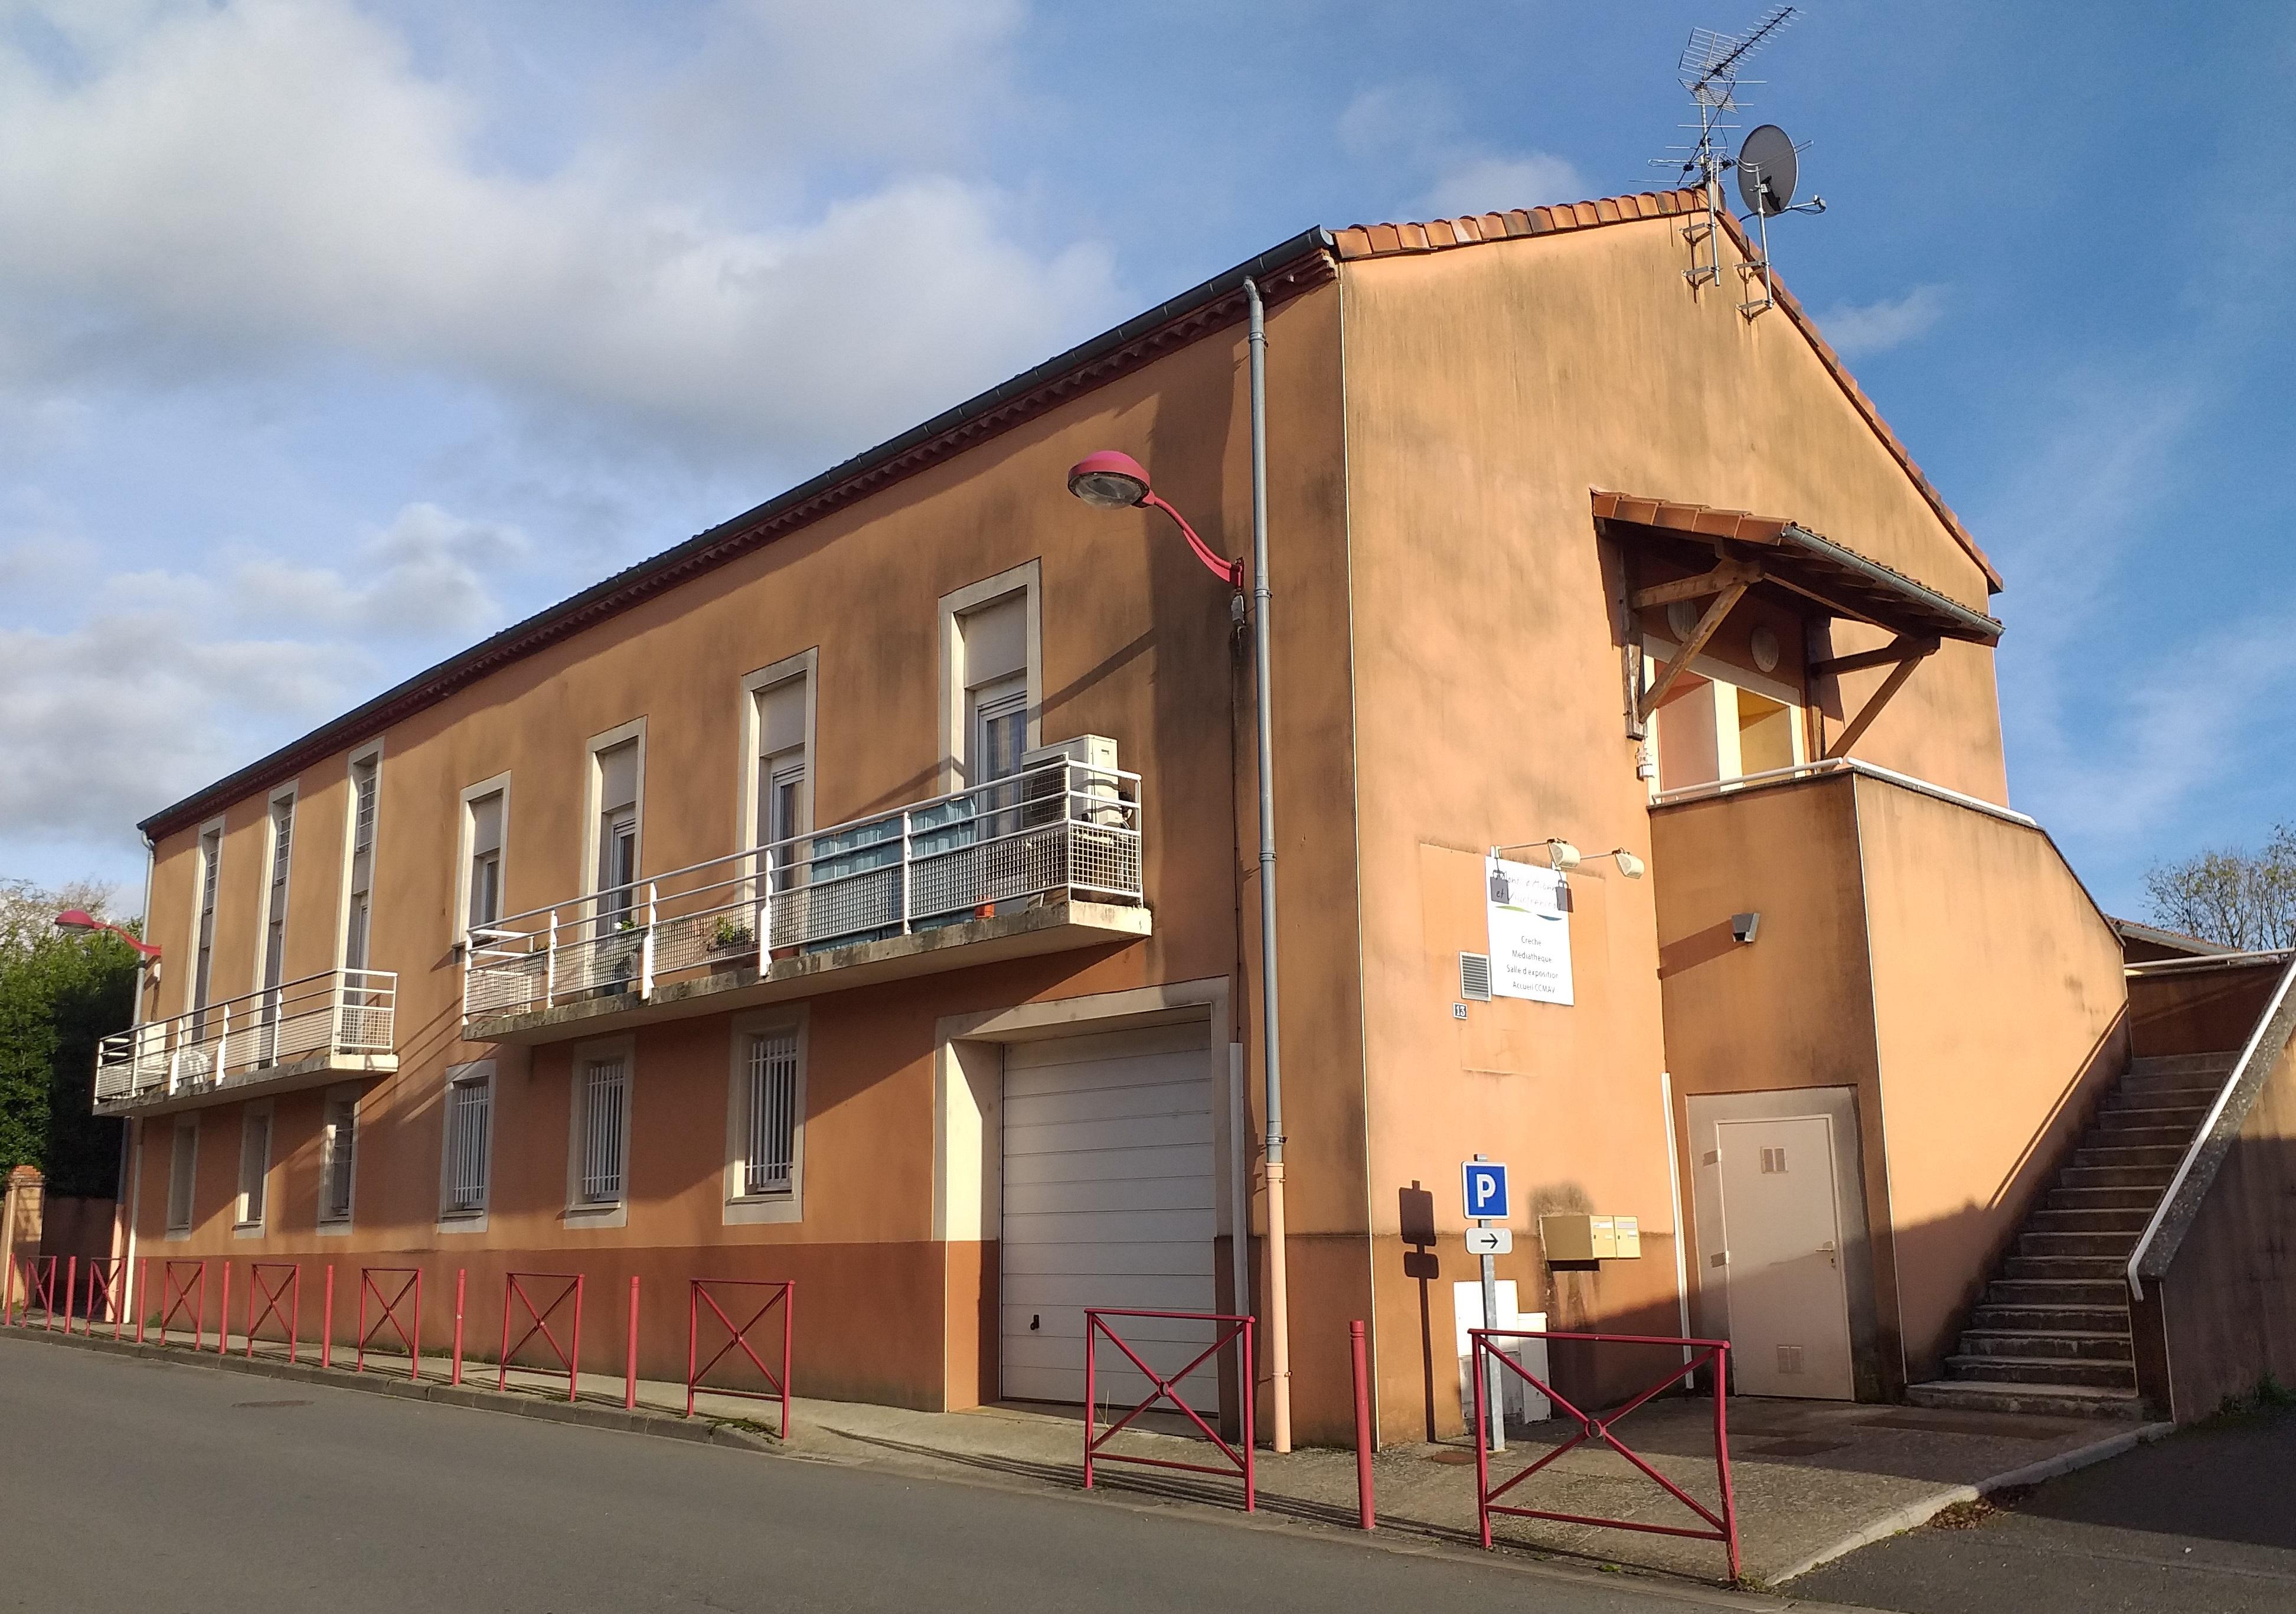 Relais intercommunal Villefranche